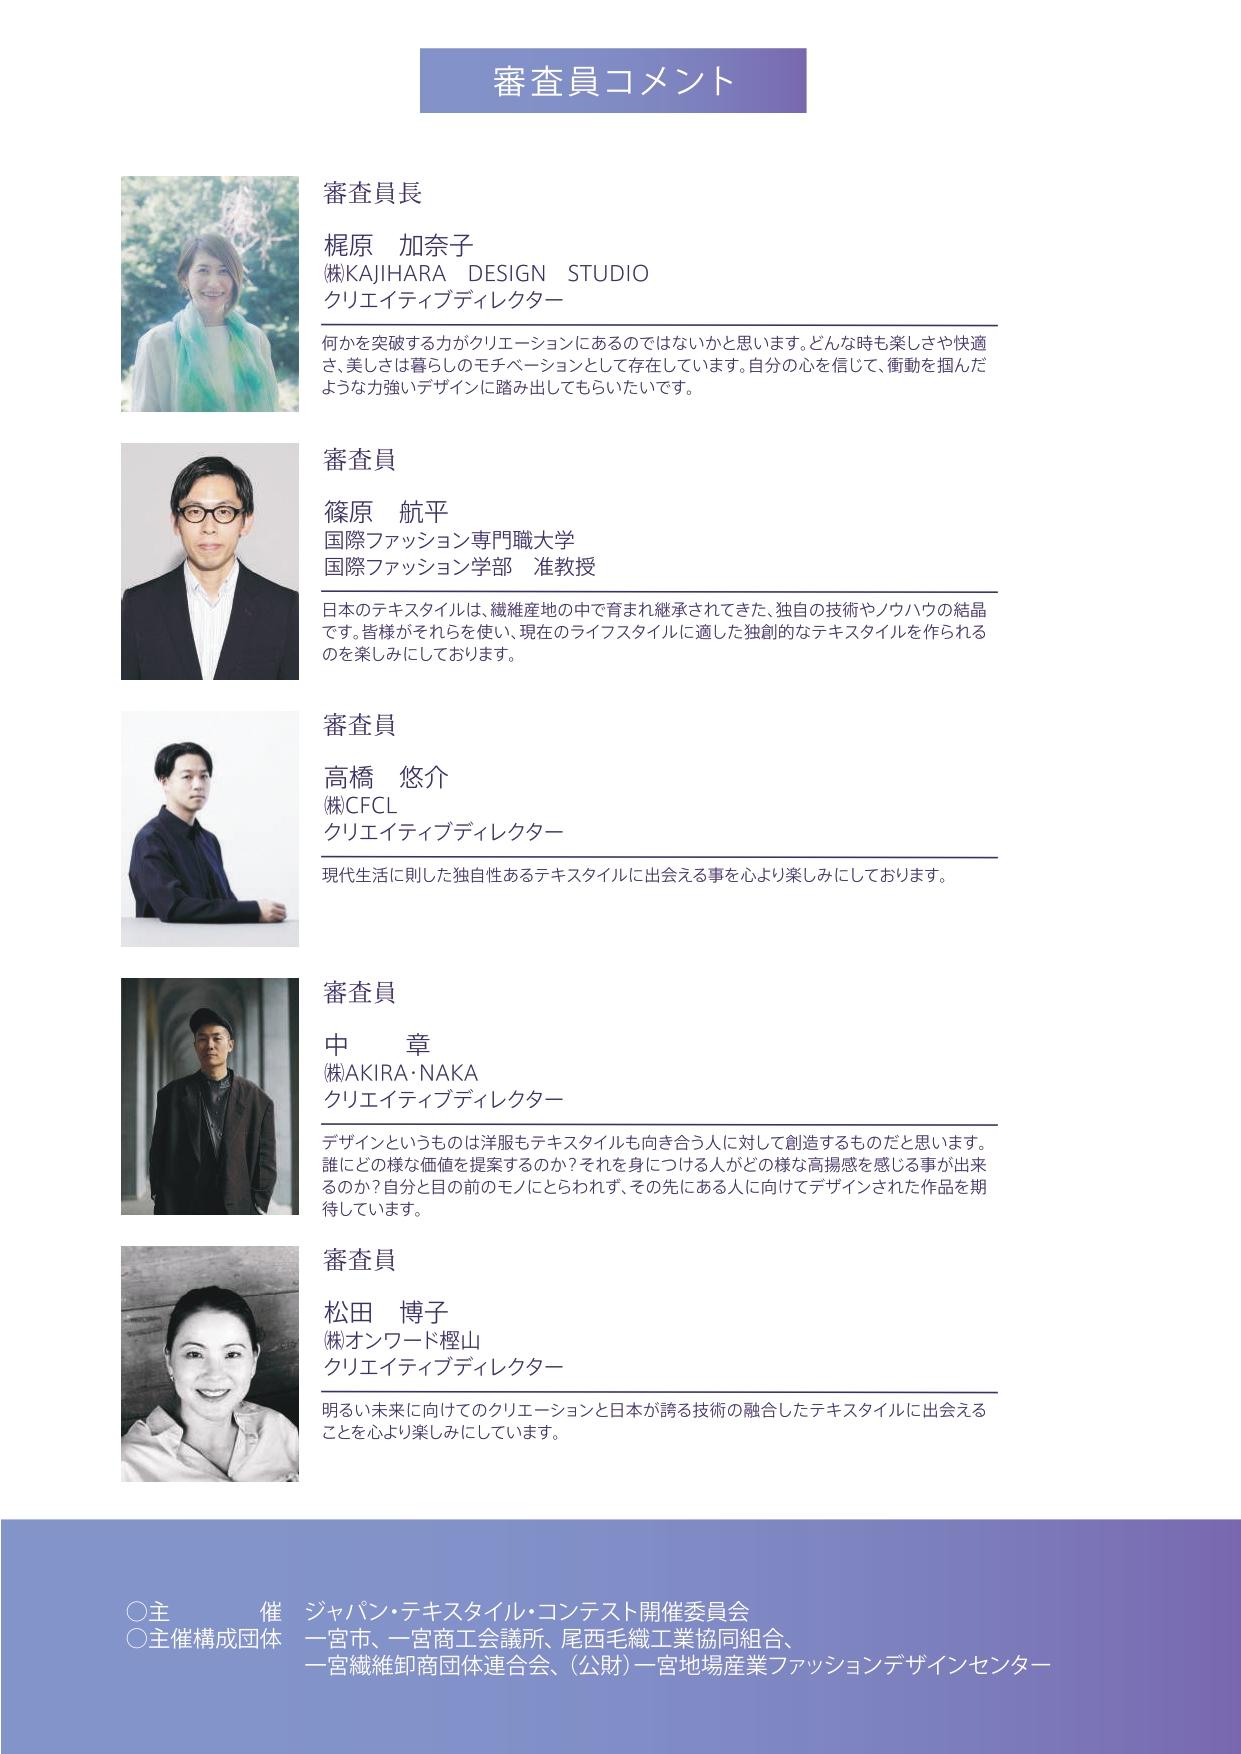 「ジャパン・テキスタイル・コンテスト2021」作品募集について(9/1~9/30締切)